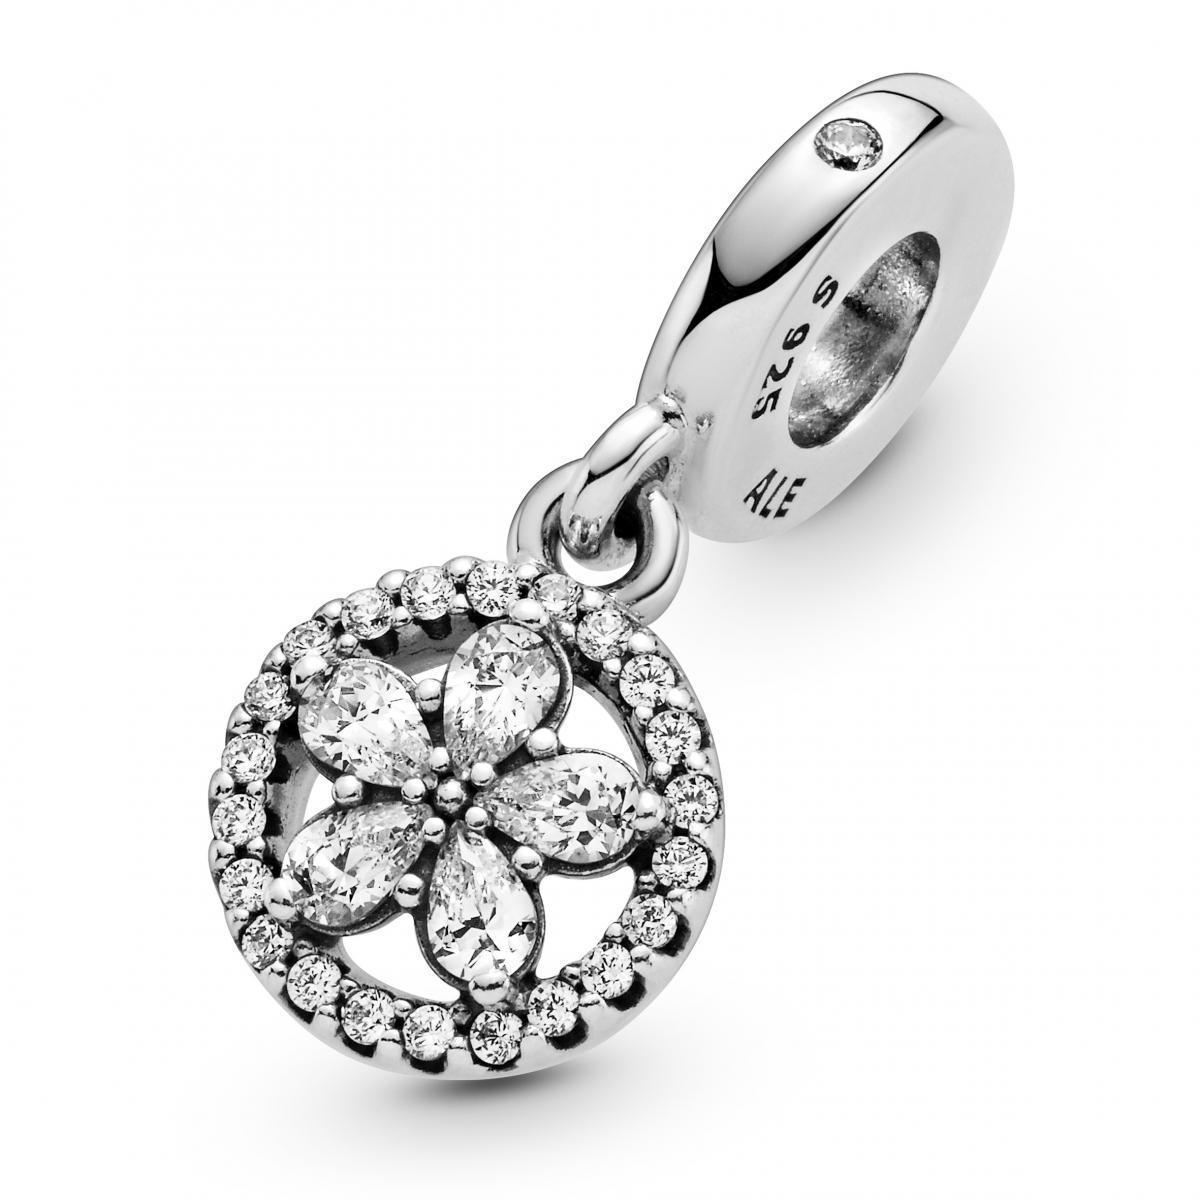 Pandora飾品聖誕限量登場!編輯精選「2000元有找」5款銀飾,小資女也能輕鬆入手-4